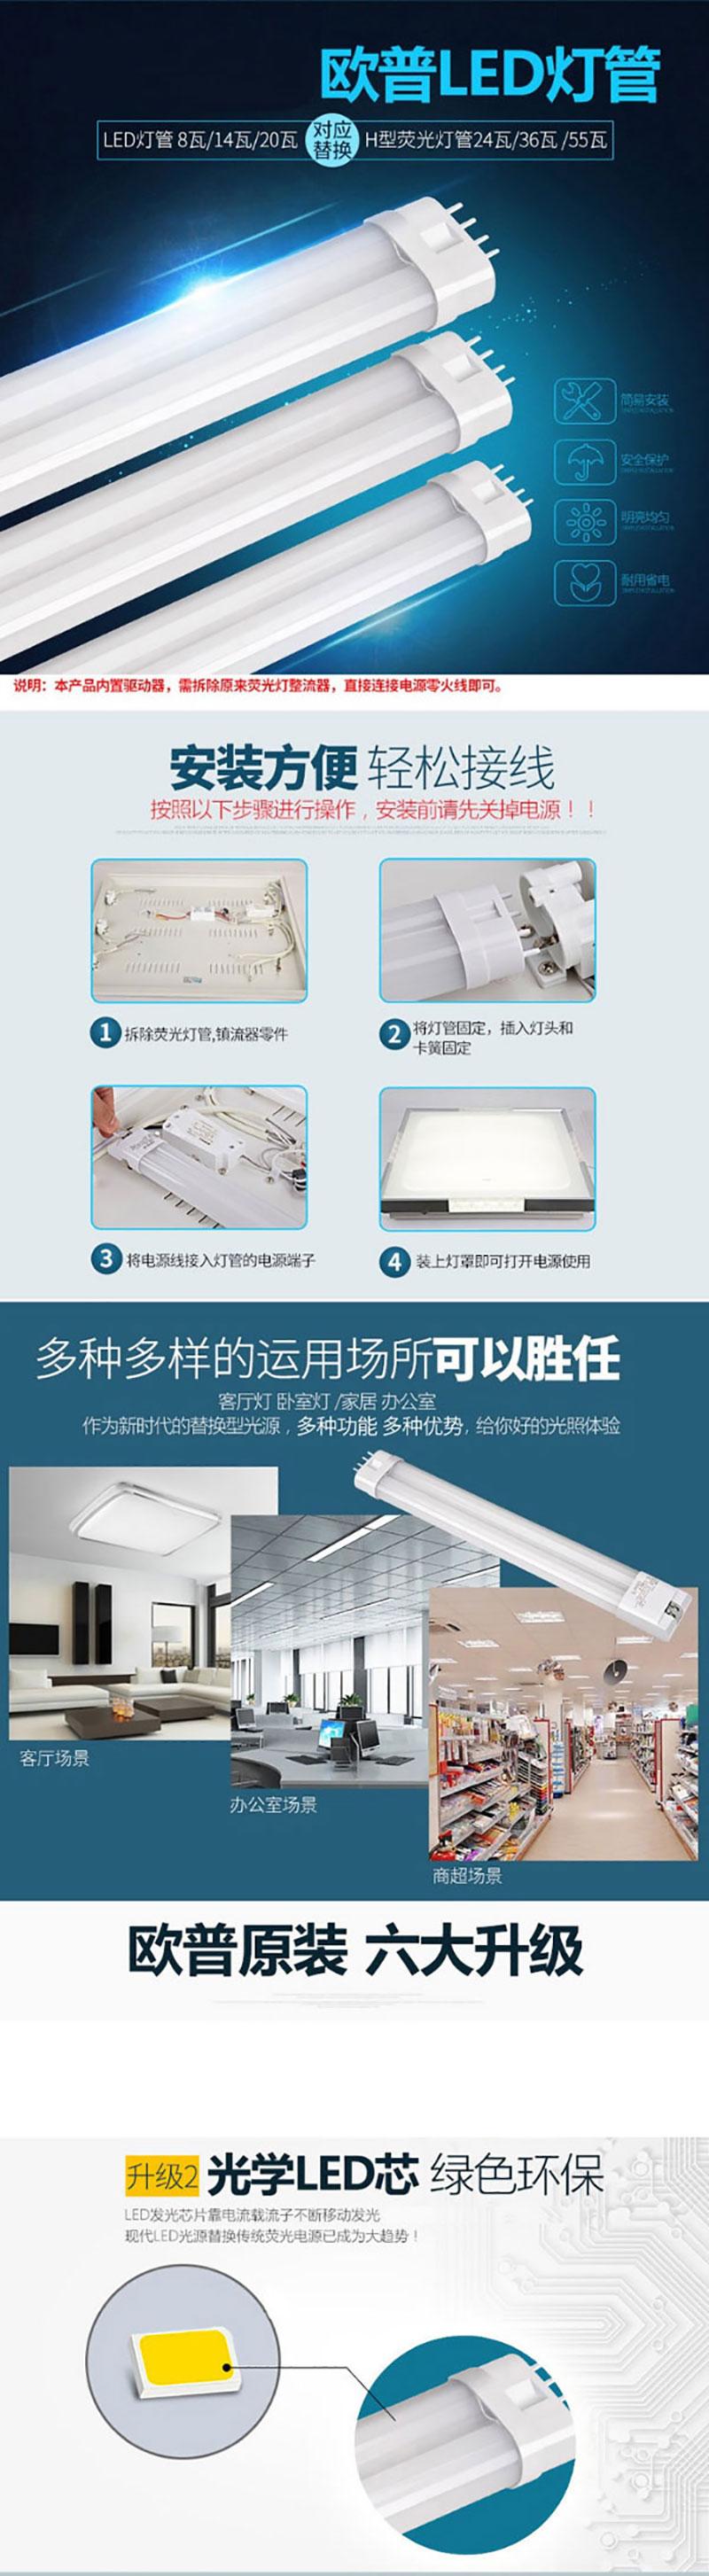 欧普照明(OPPLE) LED灯管灯板节能一体化 替换55瓦H荧光灯管长52.5厘米20瓦5700K白光